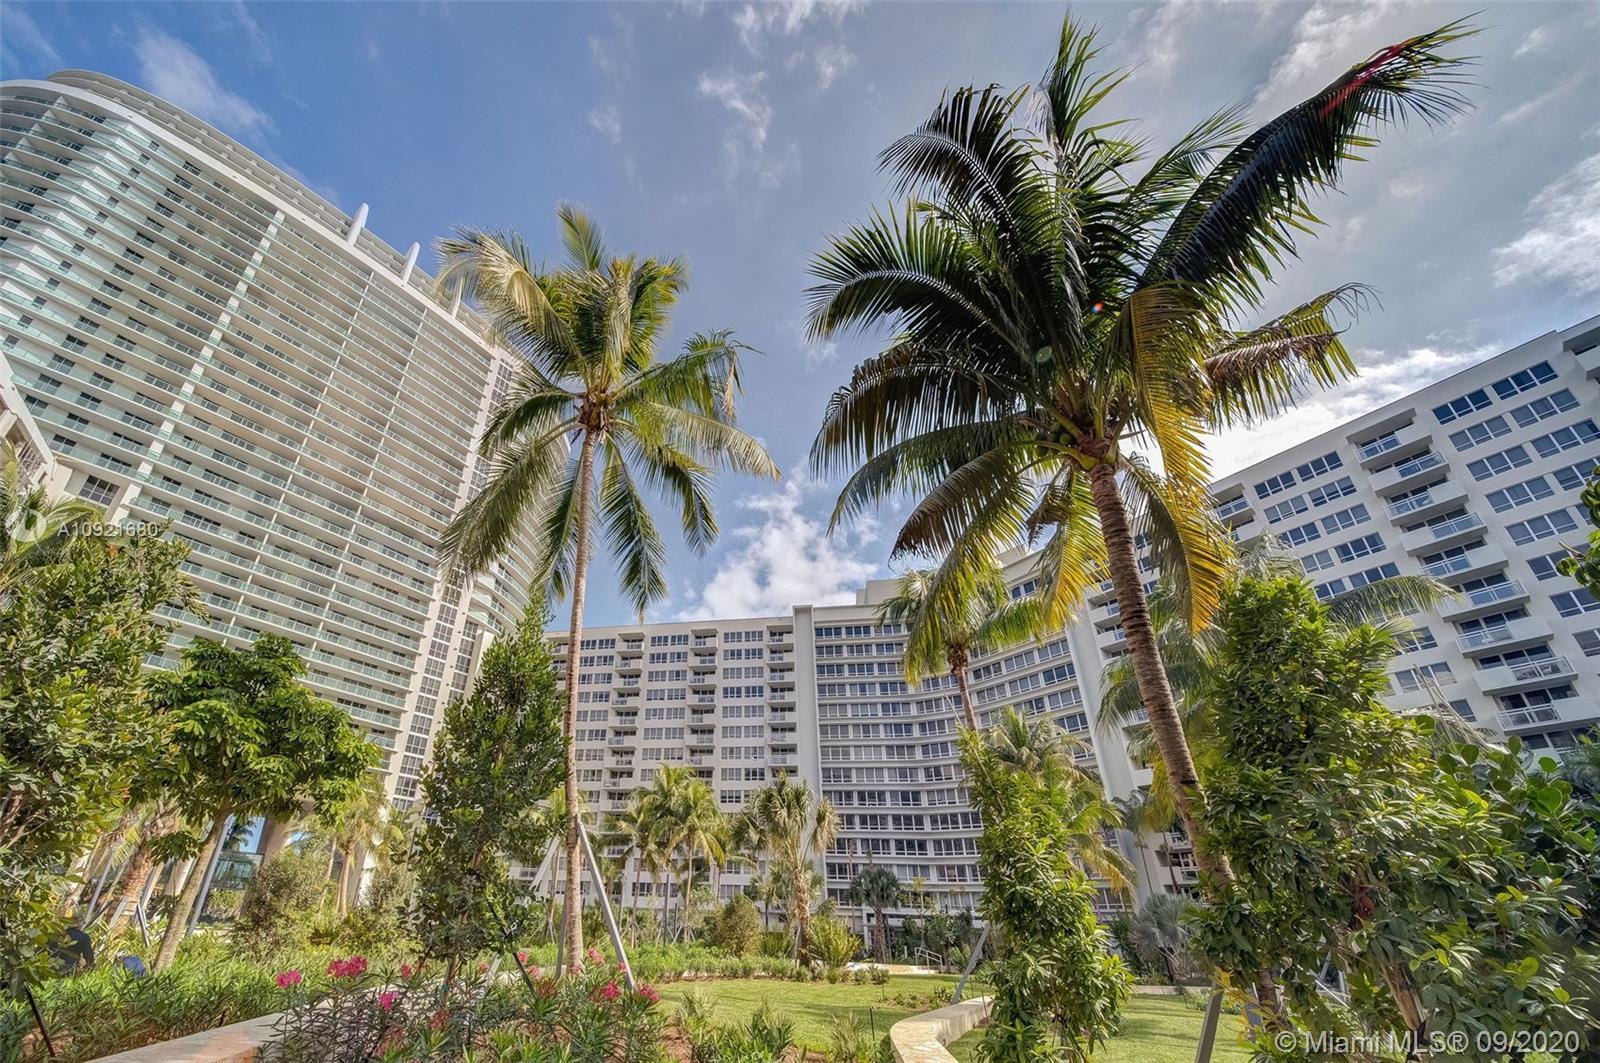 Flamingo South Beach #C-1010 - 1500 Bay Rd #C-1010, Miami Beach, FL 33139